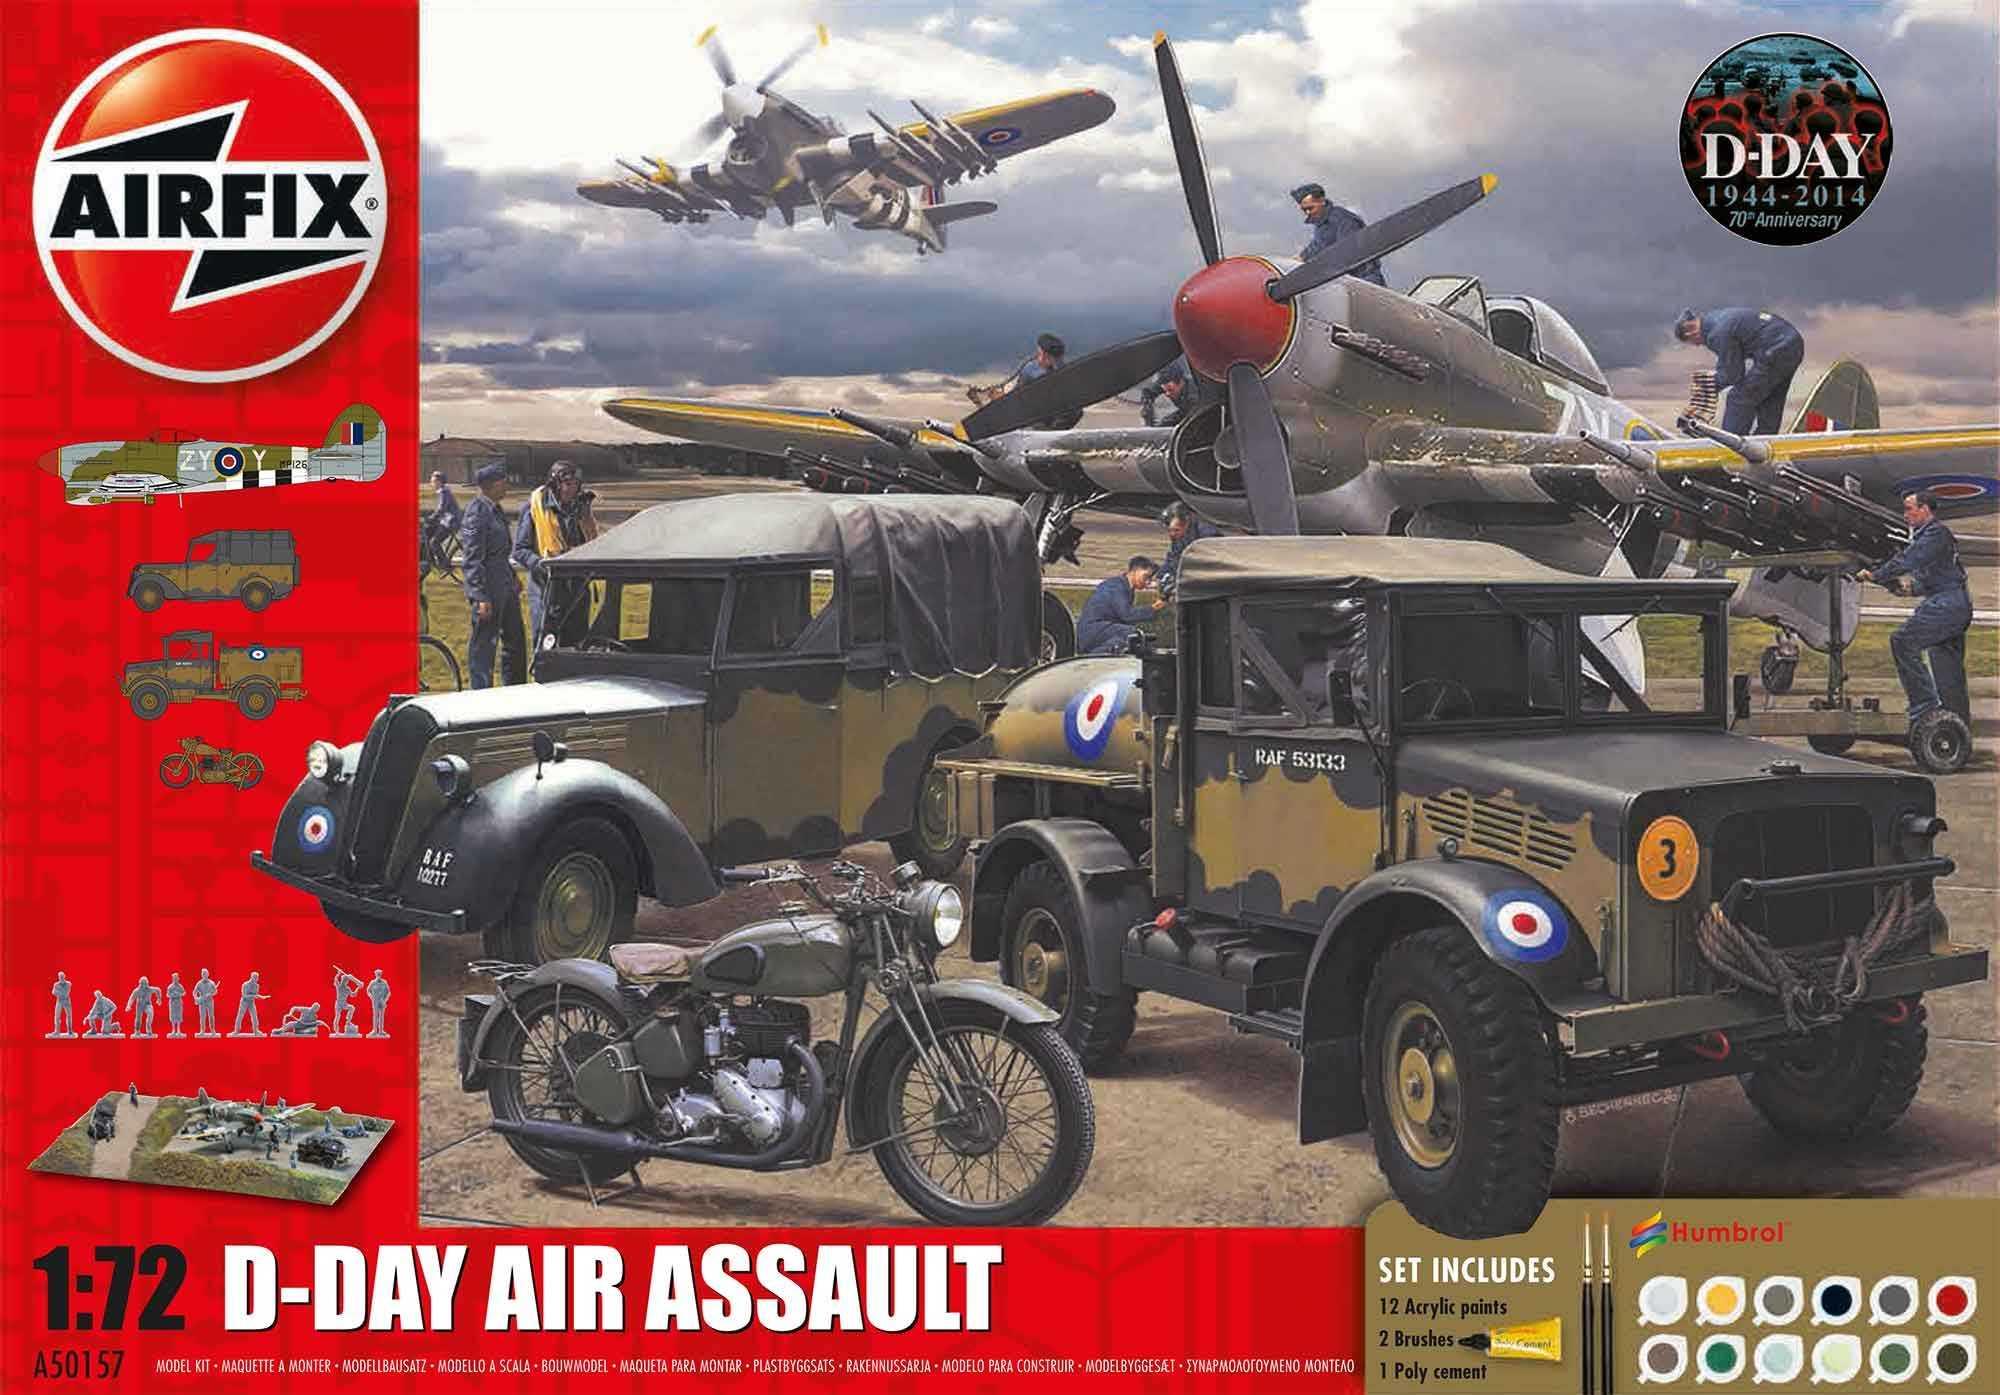 1:72 D-Day Air Assault (Gift Set)